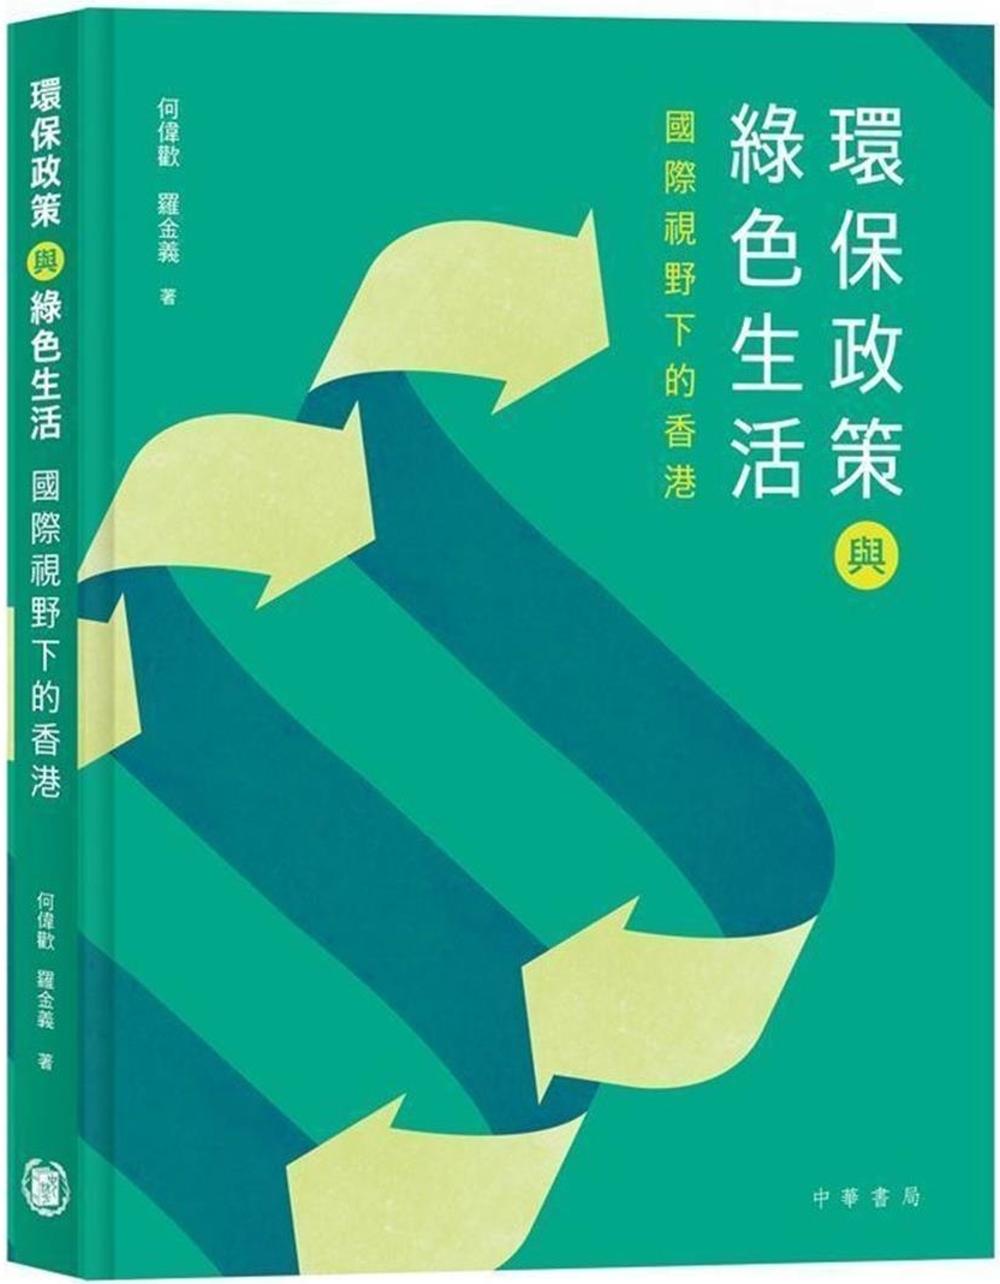 環保政策與綠色生活:國際視野下...